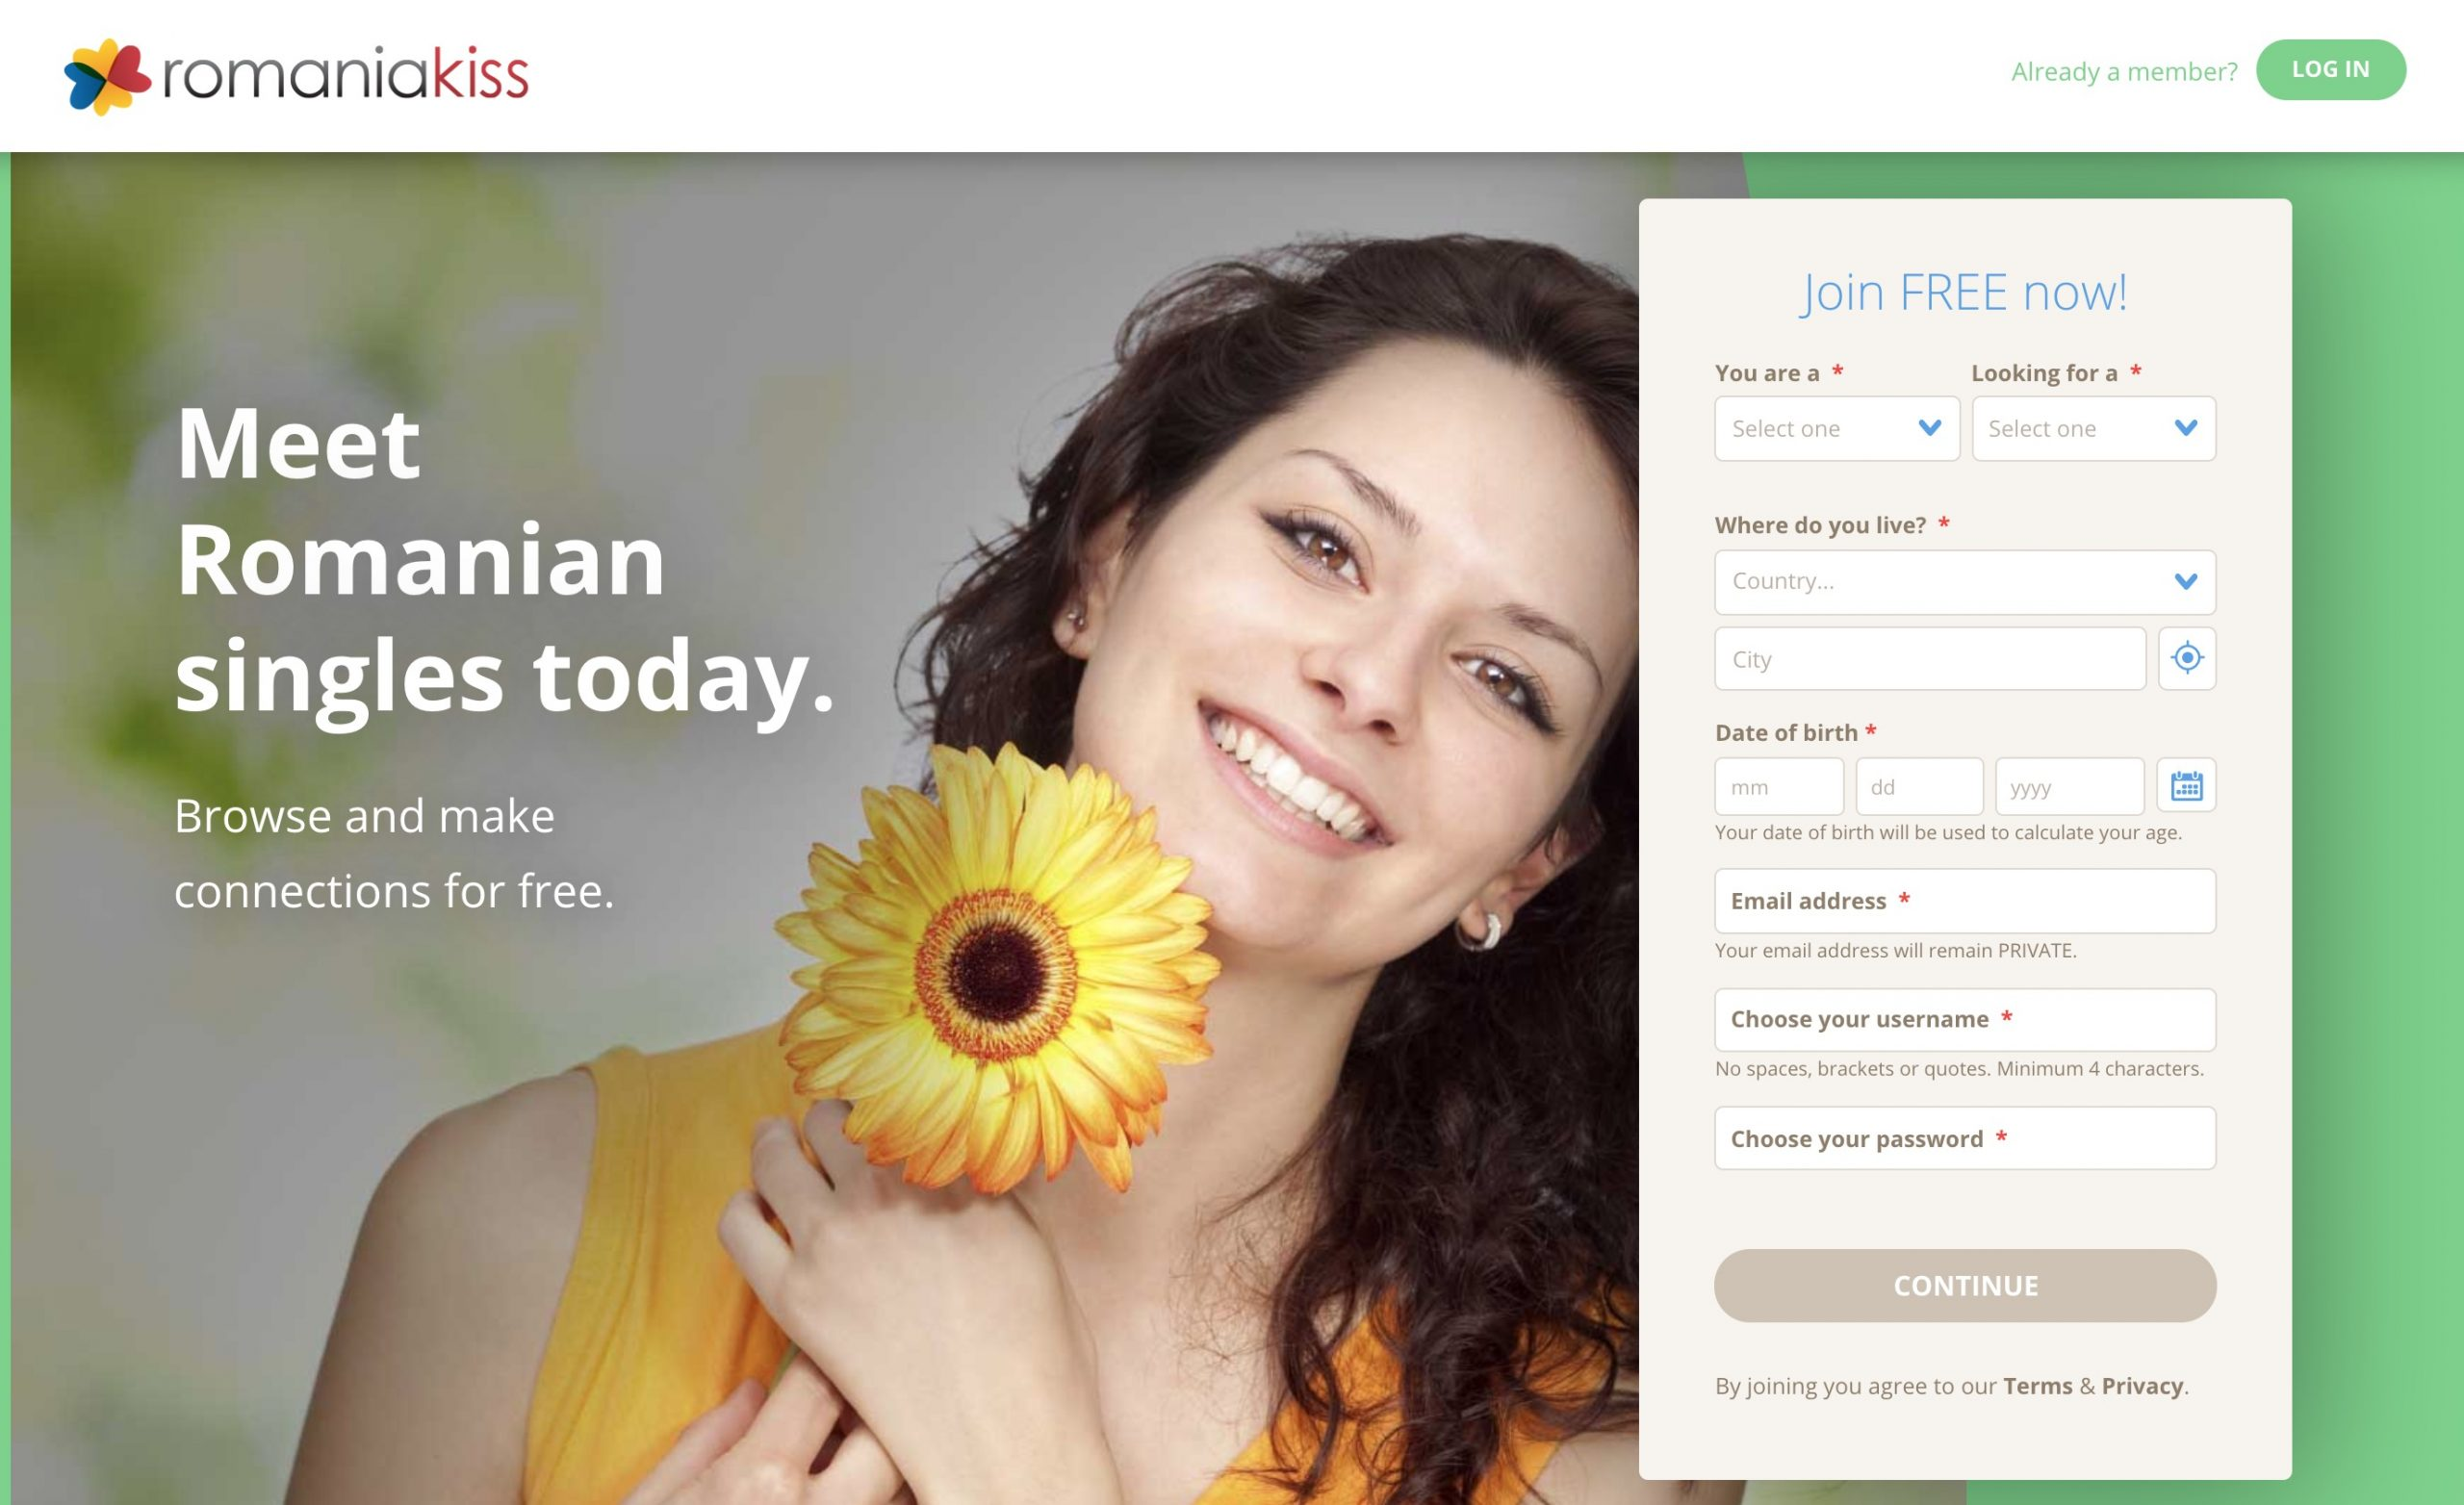 RomaniaKiss main page